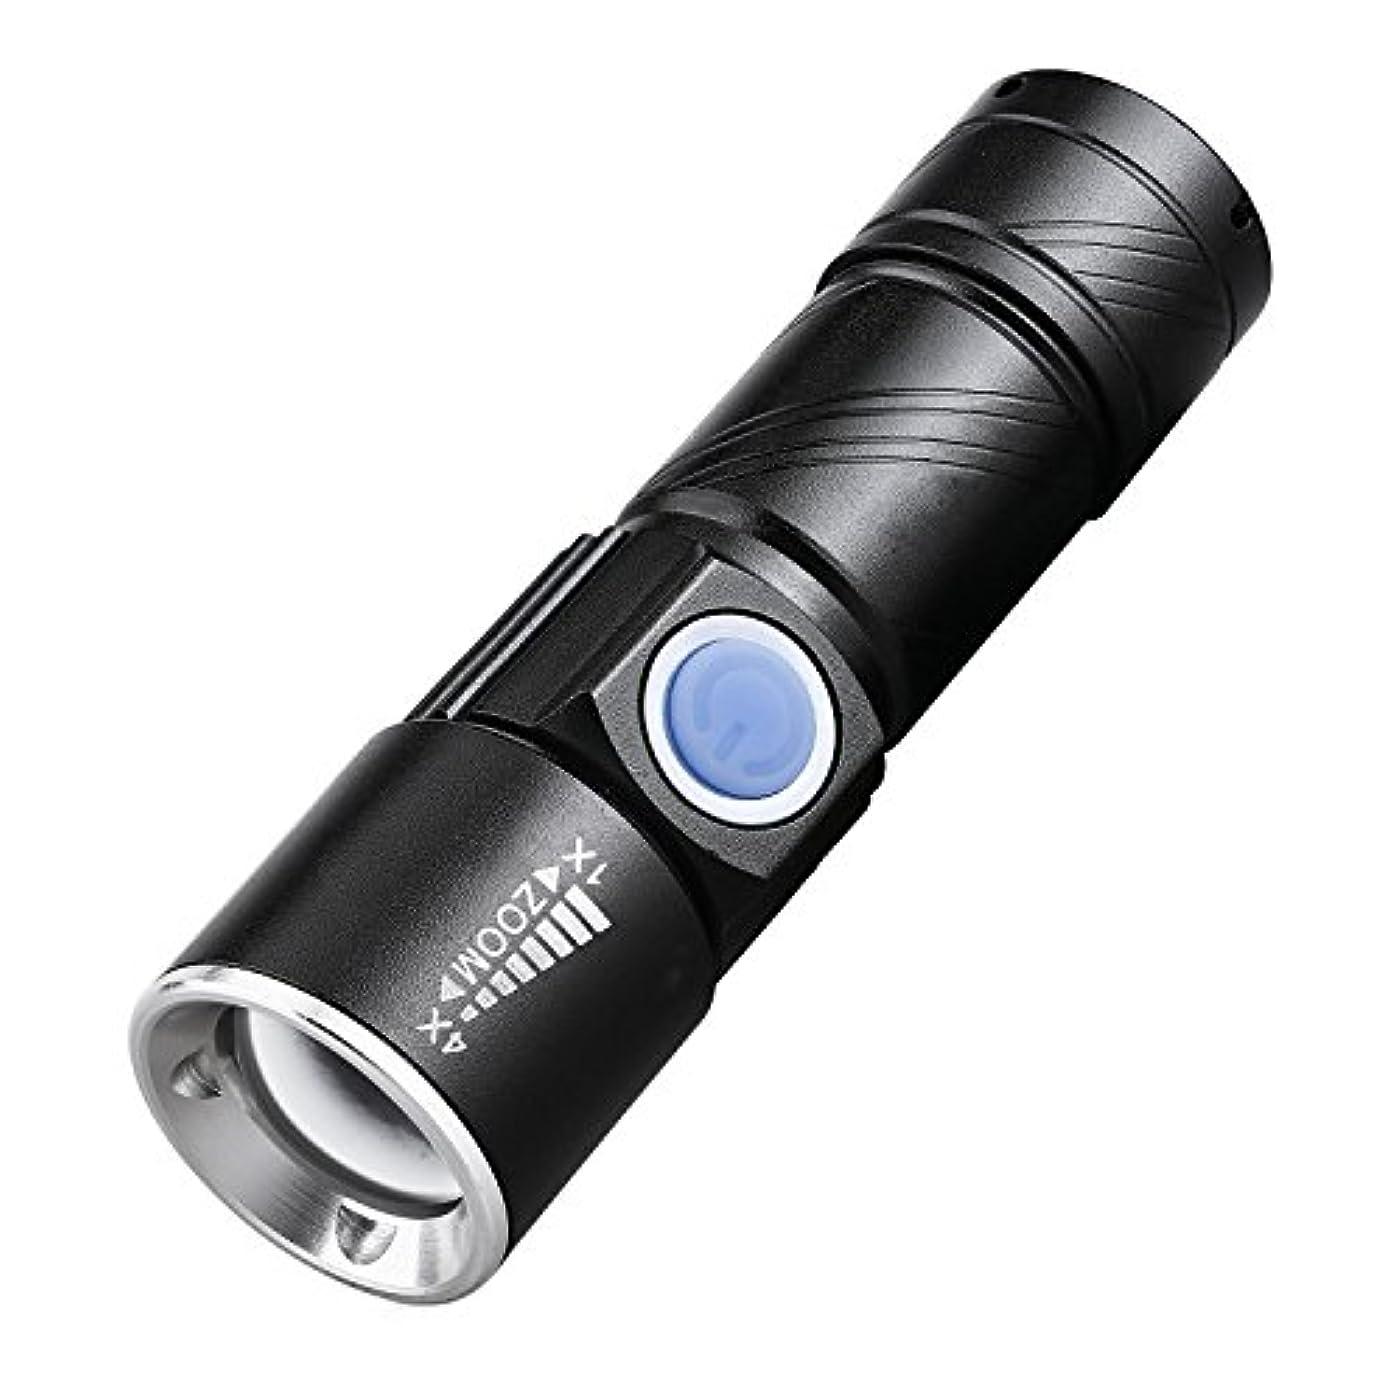 有力者インフレーションハーブUSB充電式 小型 LED ハンドライト 懐中電灯 アウトドア 電池不要 TEC-BLH015D